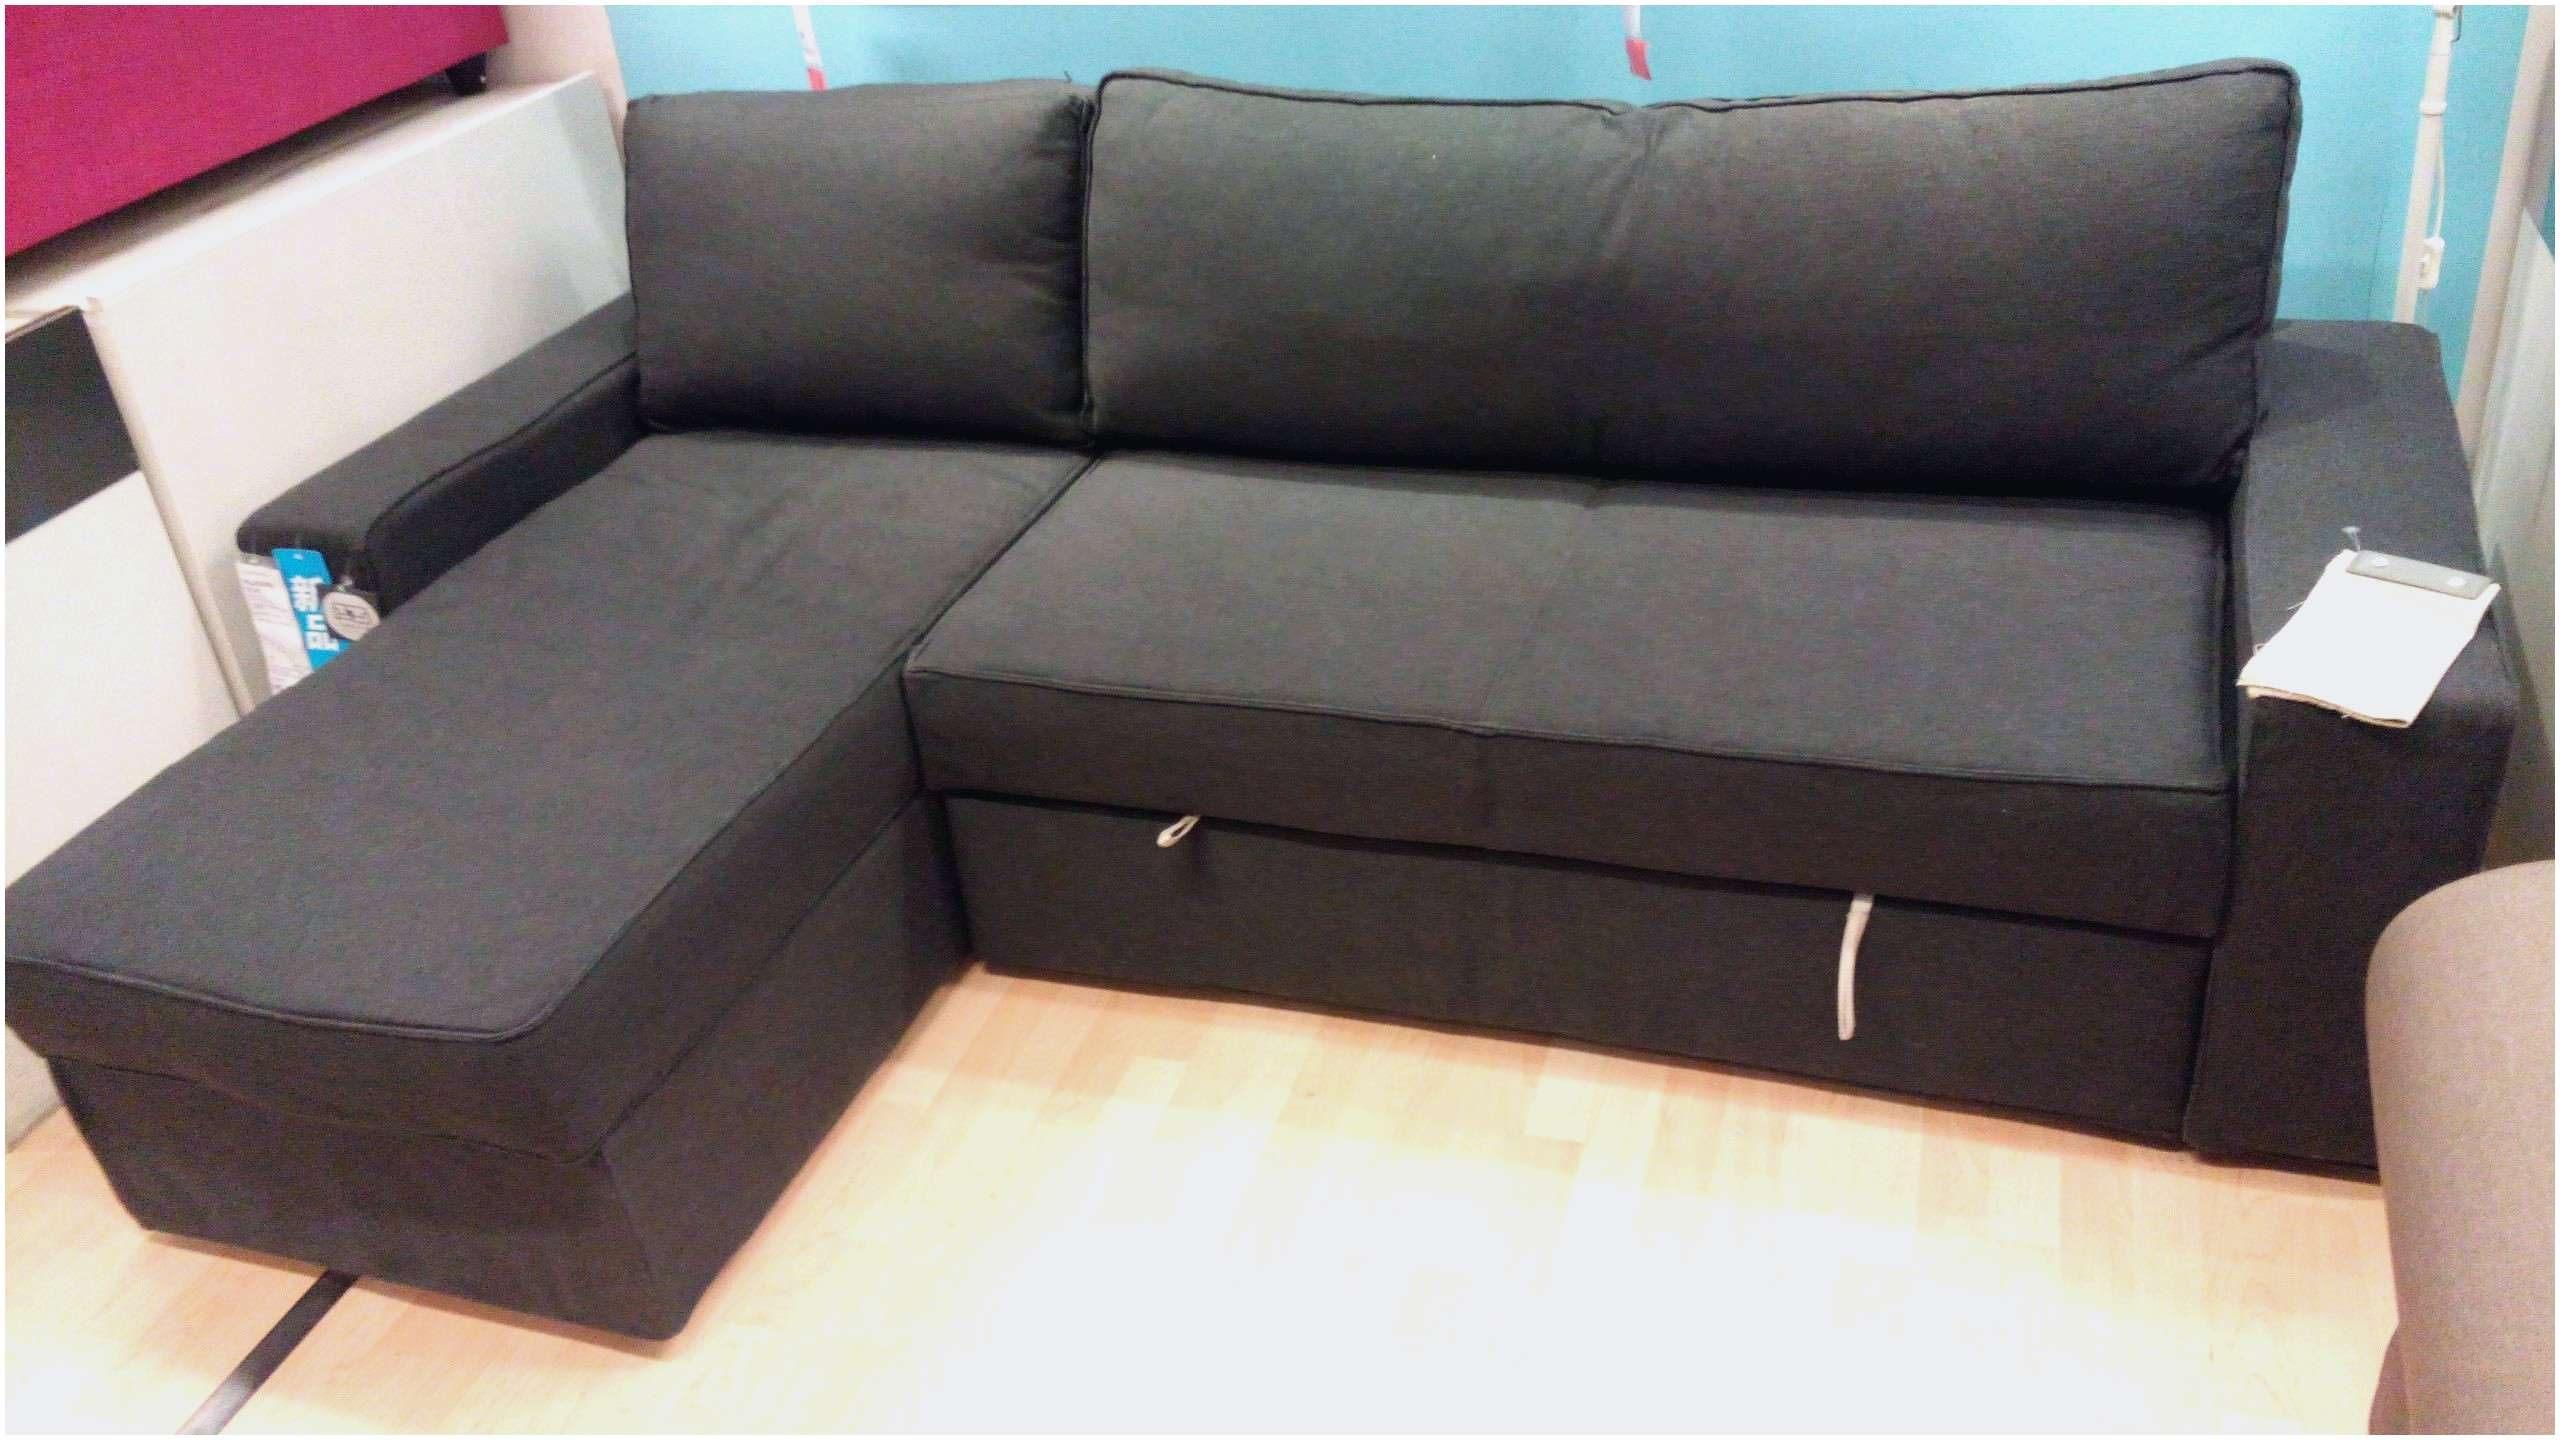 Canapé Lit Ikea Charmant Unique Ikea Canape Lit Bz Conforama Alinea Bz Canape Lit Place